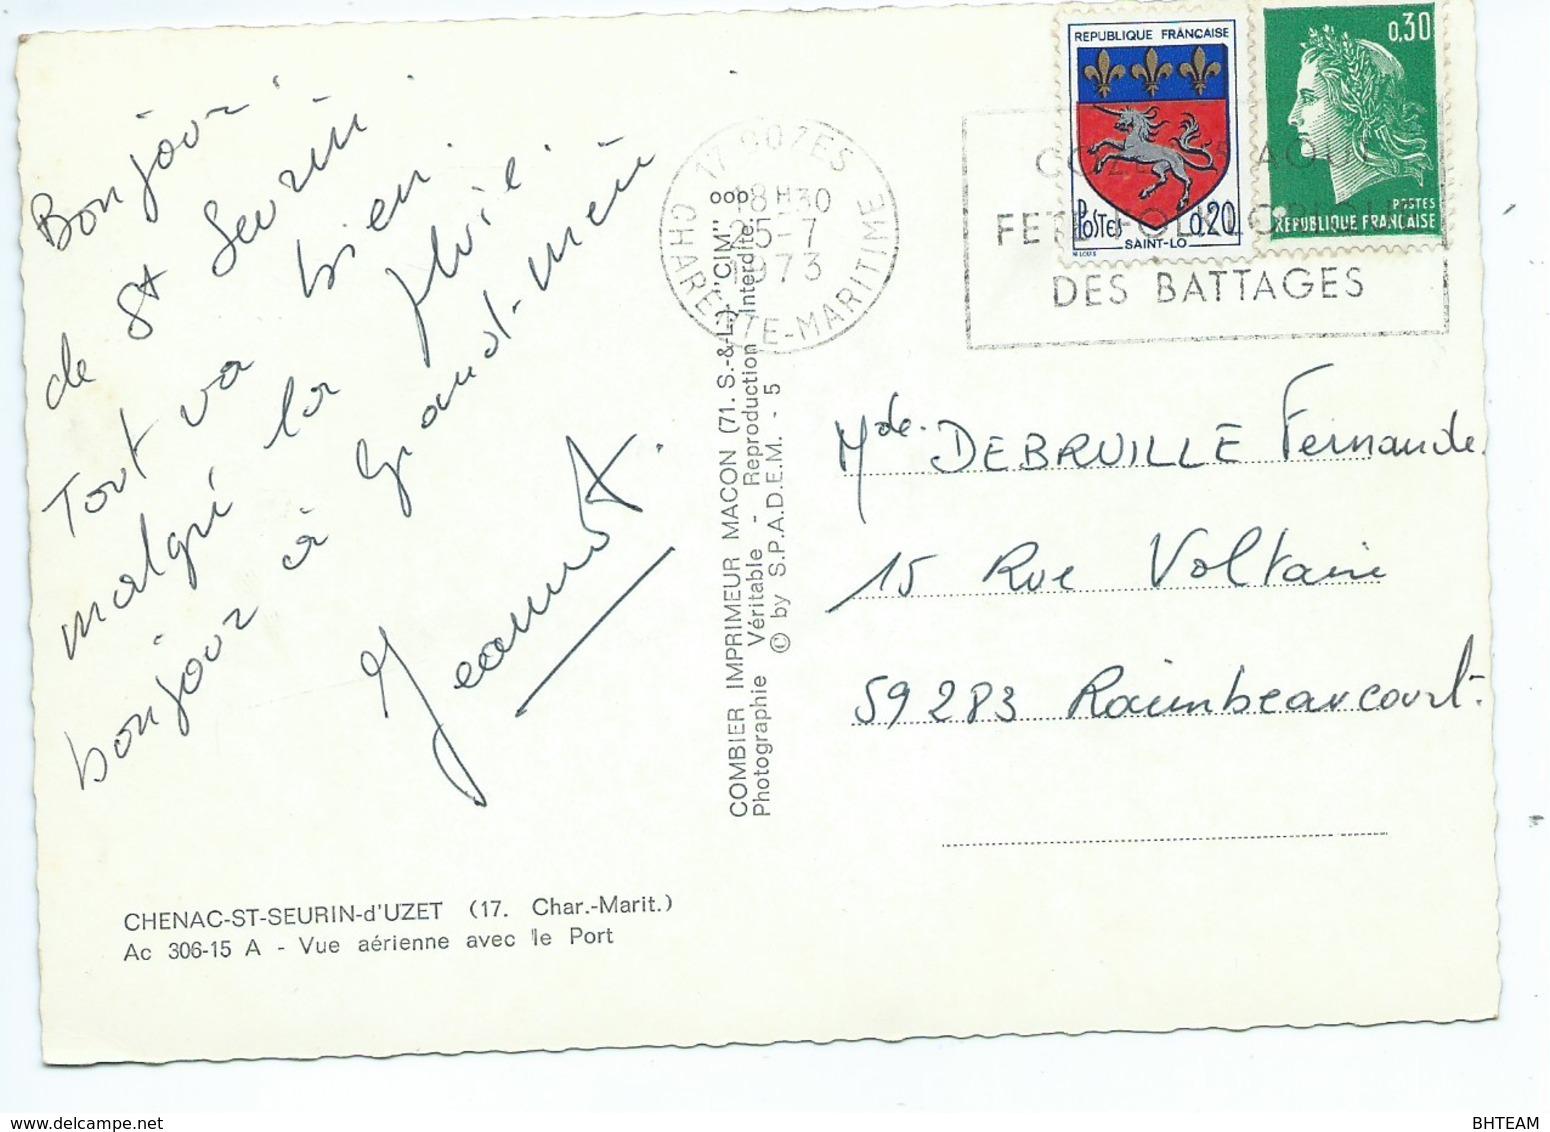 Chenac-St-Seurin-d'Uzet Vue Aérienne Avec Le Port - France